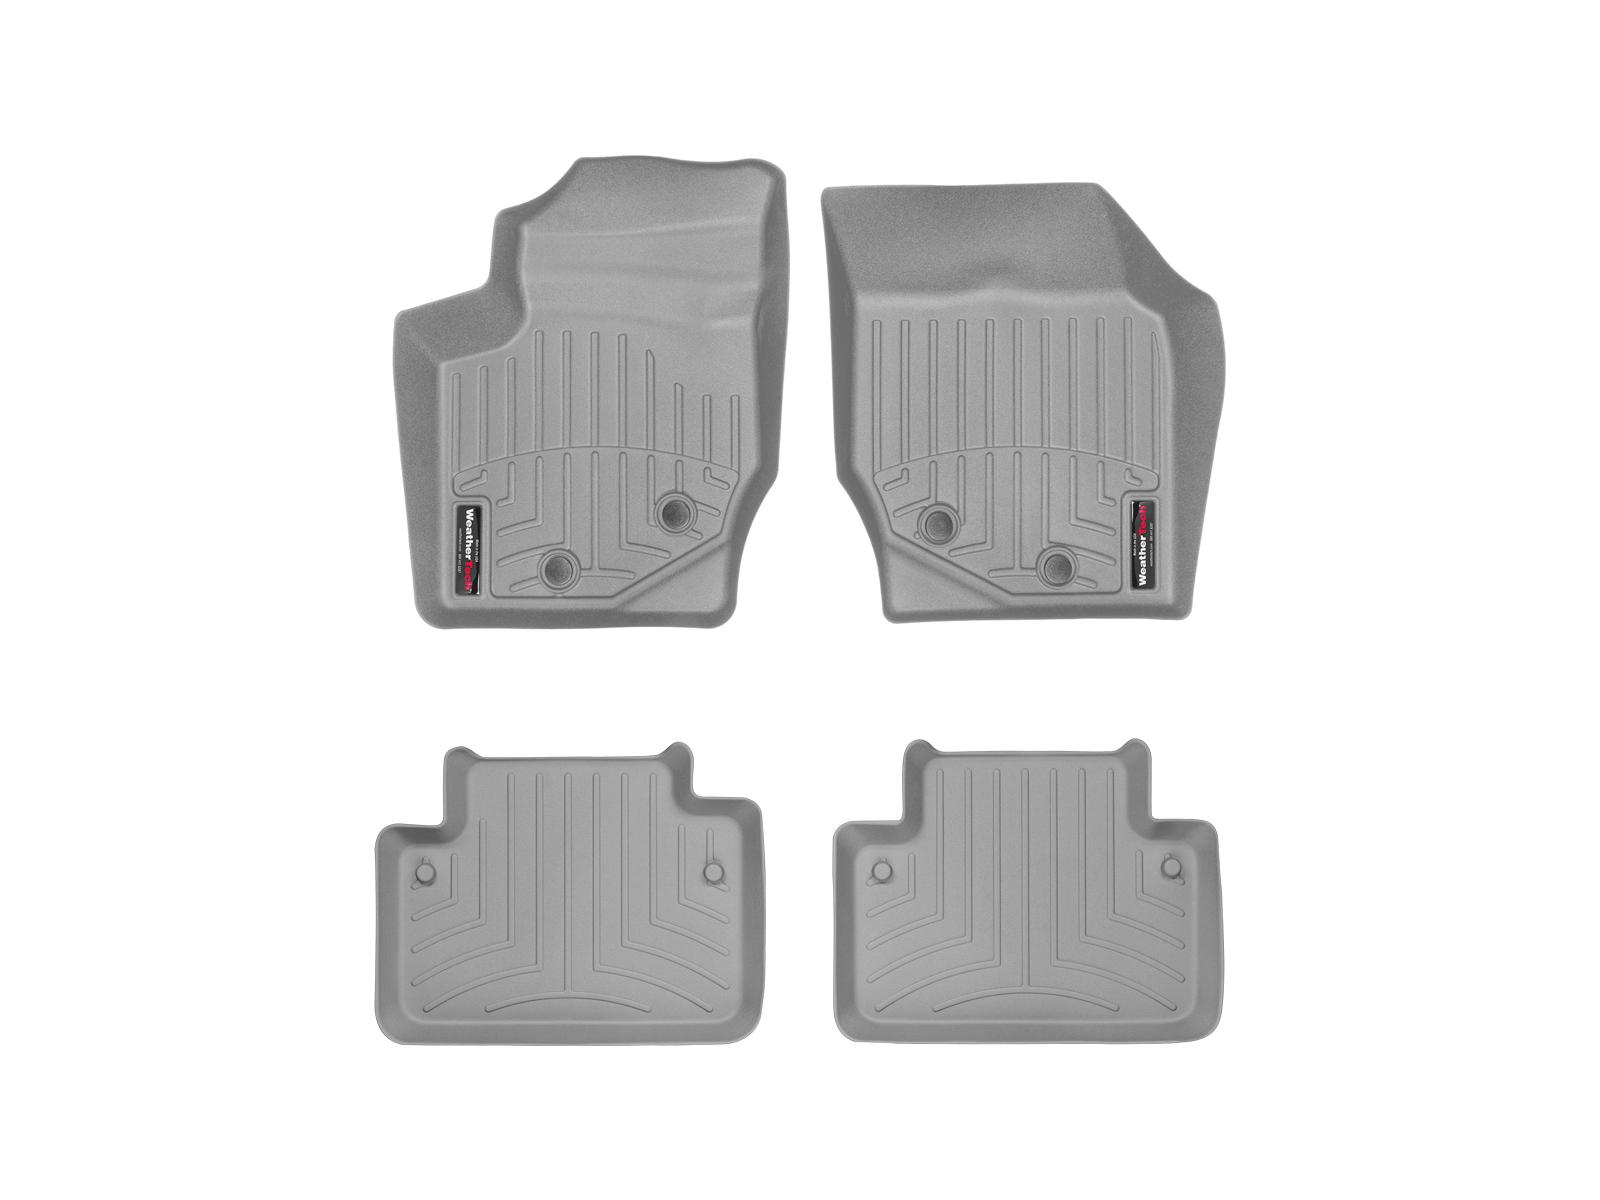 Tappeti gomma su misura bordo alto Volvo XC90 03>14 Grigio A4438*